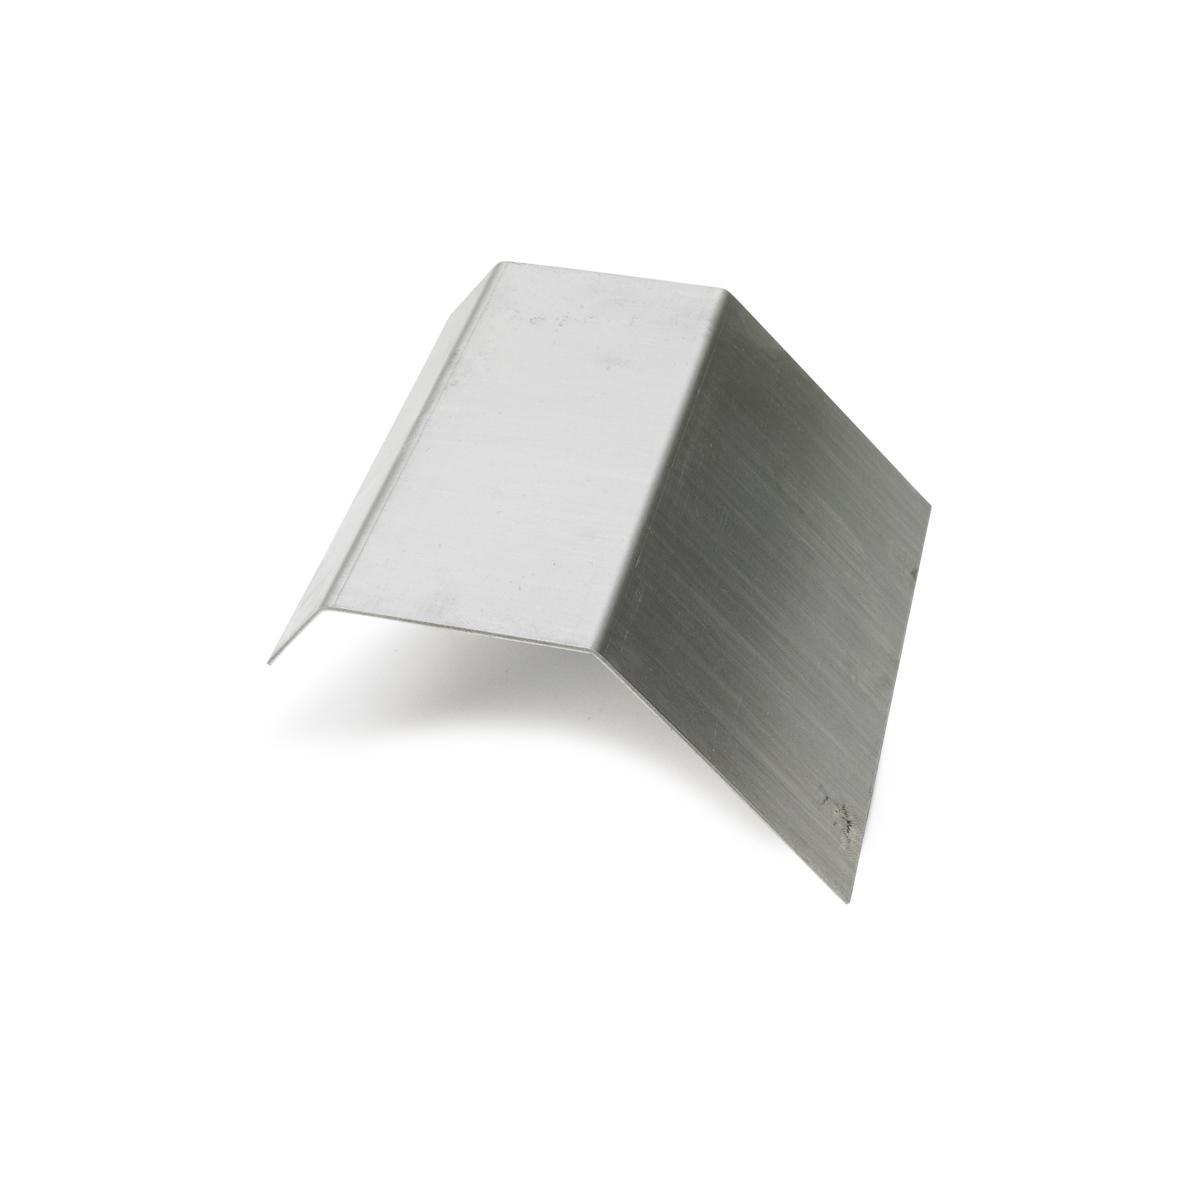 Rheinzink klang t.b.v. standaard deklijst 35/70mm dikte=1.1mm